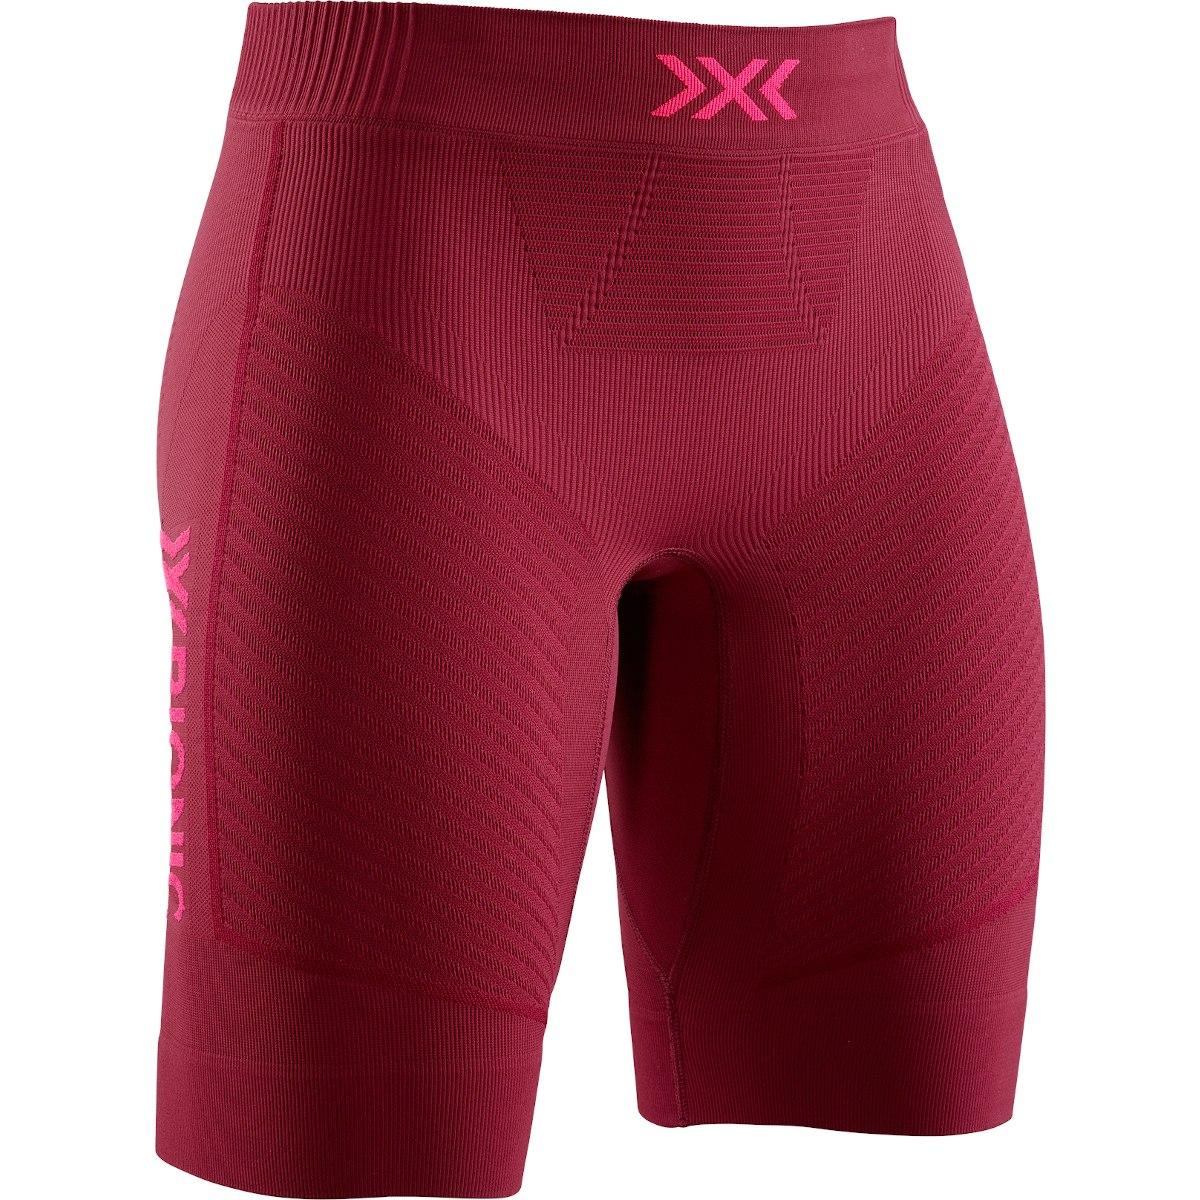 X-Bionic Invent 4.0 Run Speed Laufshorts für Damen - namib red/neon flamingo